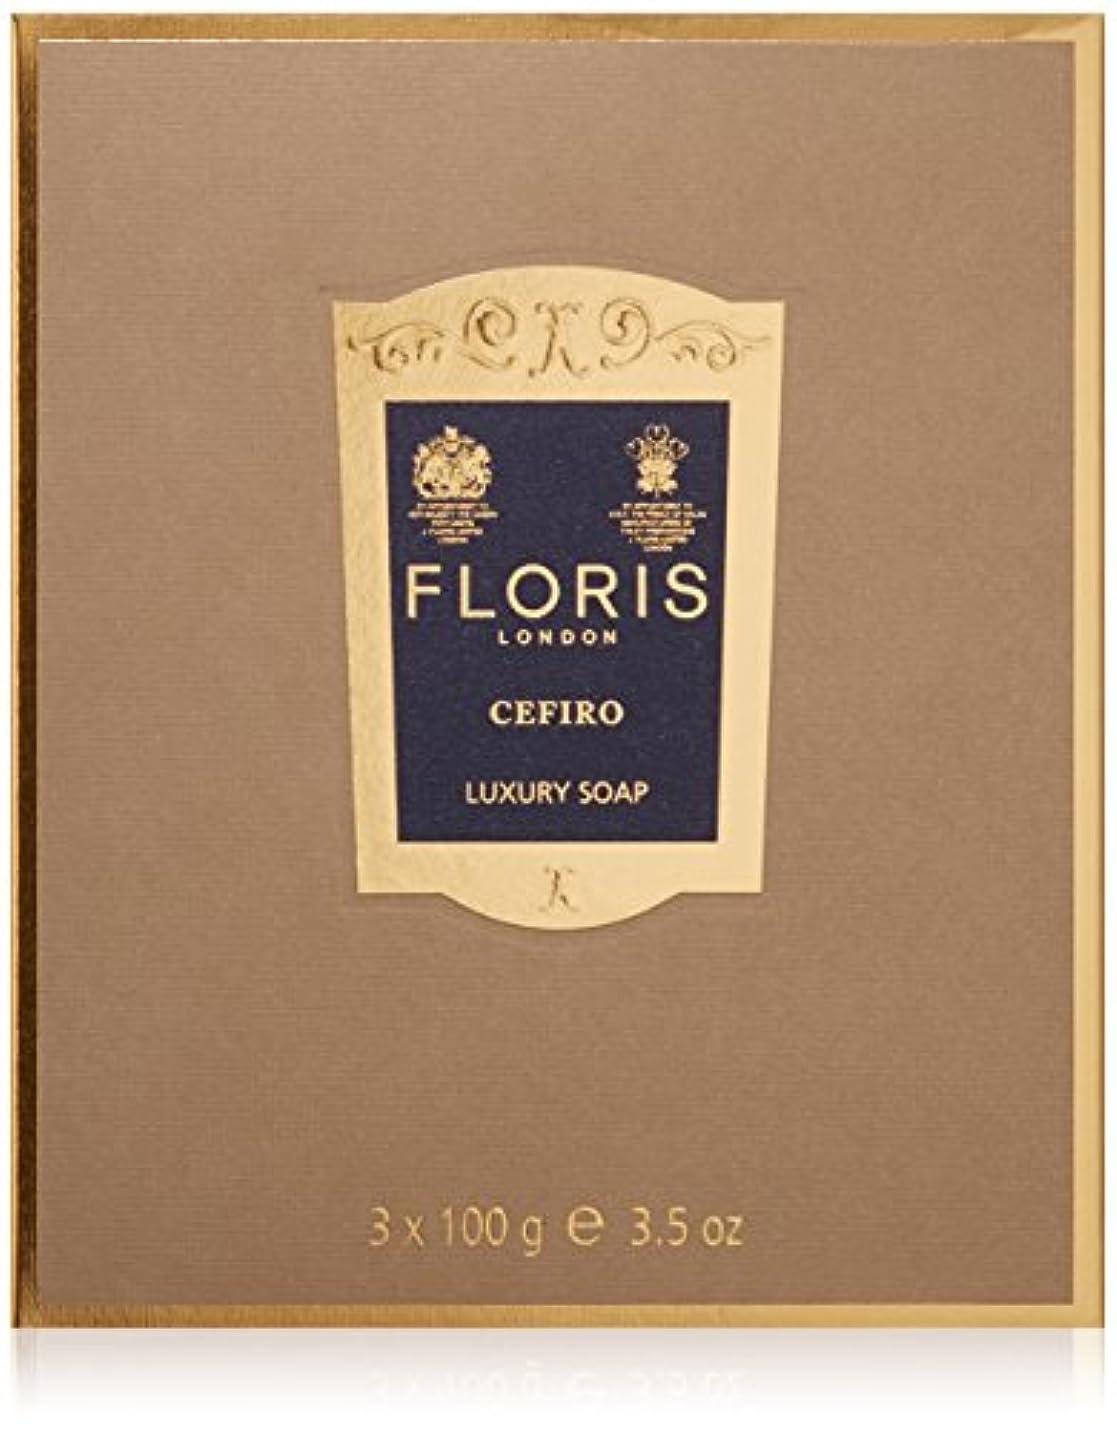 好む打ち負かす咲くフローリス ラグジュアリーソープCF(セフィーロ) 3x100g/3.5oz